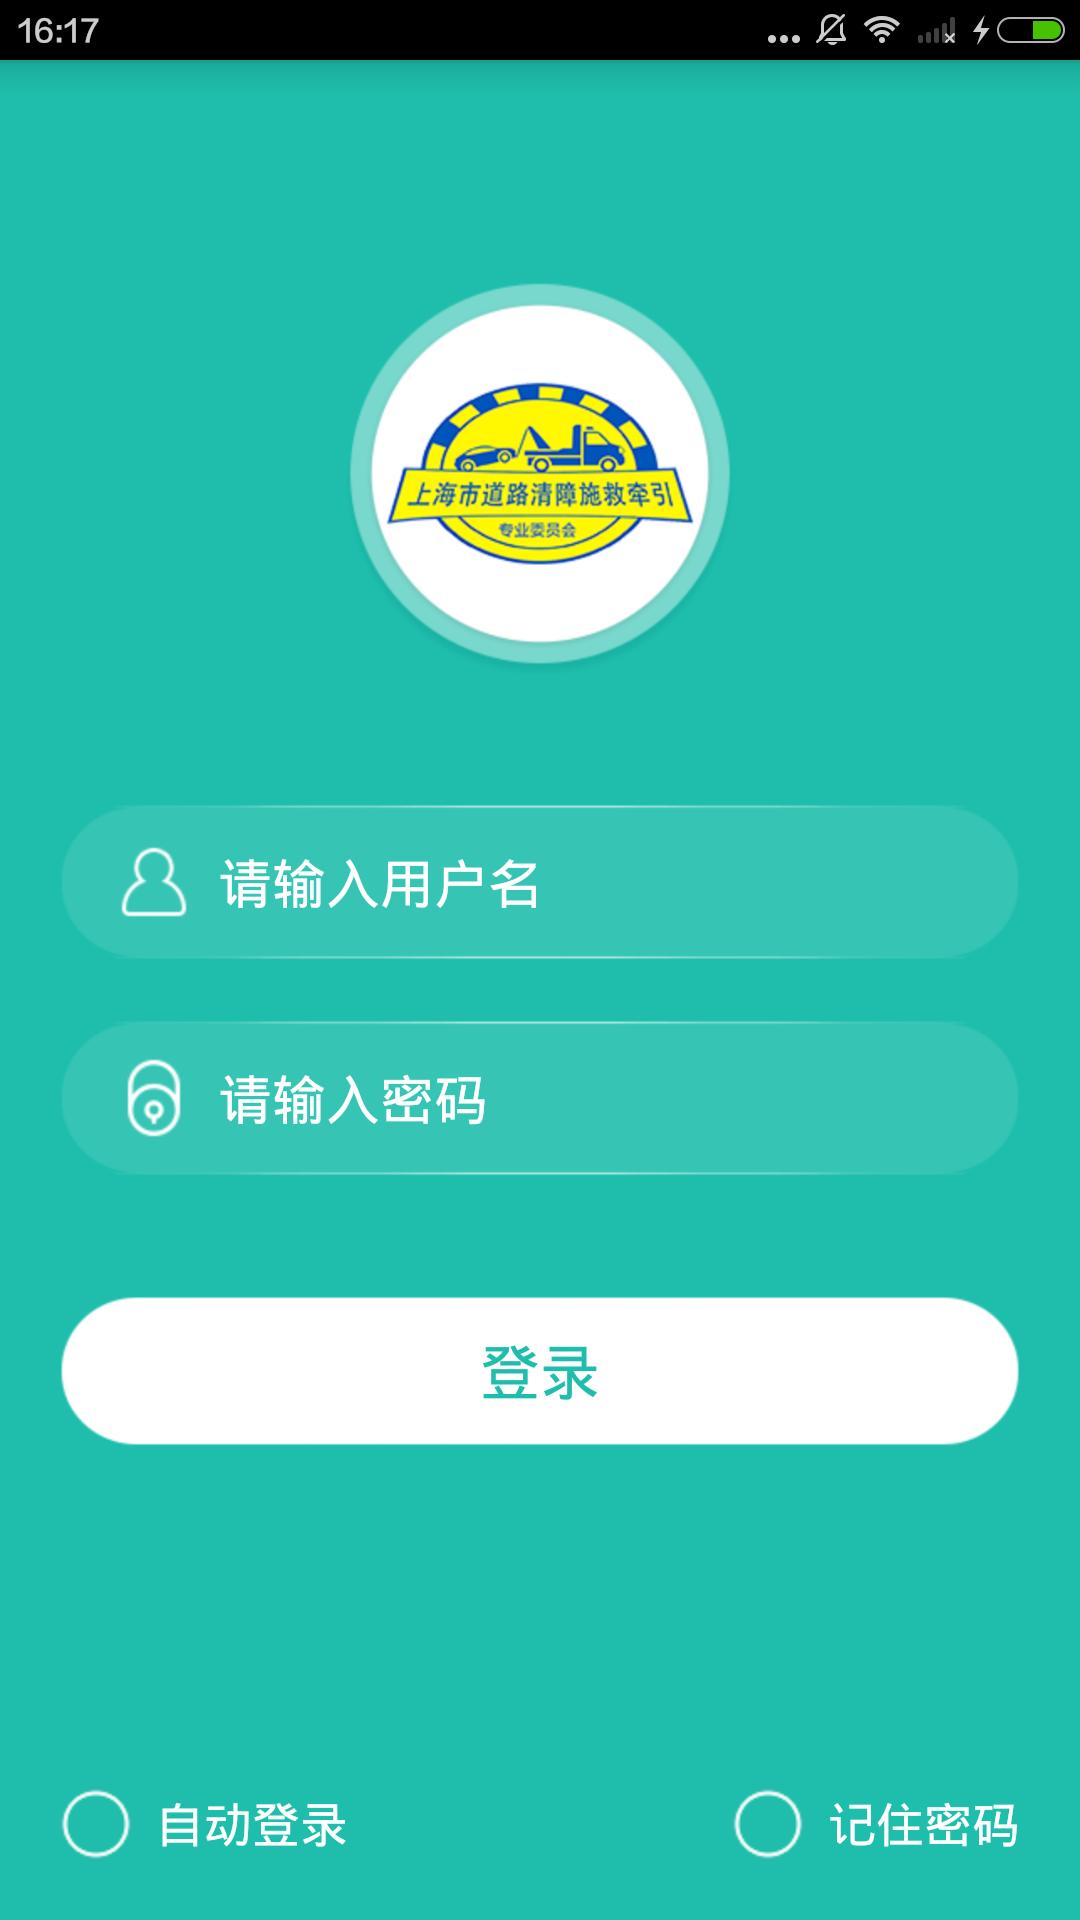 牵引车 --> 本款app可以为牵引车公司提供日常服务,包括数据查询、数据采集、地图定位和信息查询等等,其中数据采集包括文字、图片和录音,能满足复杂的采集需求,牵引车公司可以方便的查询员工的派单情况。 牵引车更新描述 现场照片增加至最多15张;增加手机拍照识别车牌功能;增加历史金额的曲线统计表查看功能;增加退单功能。